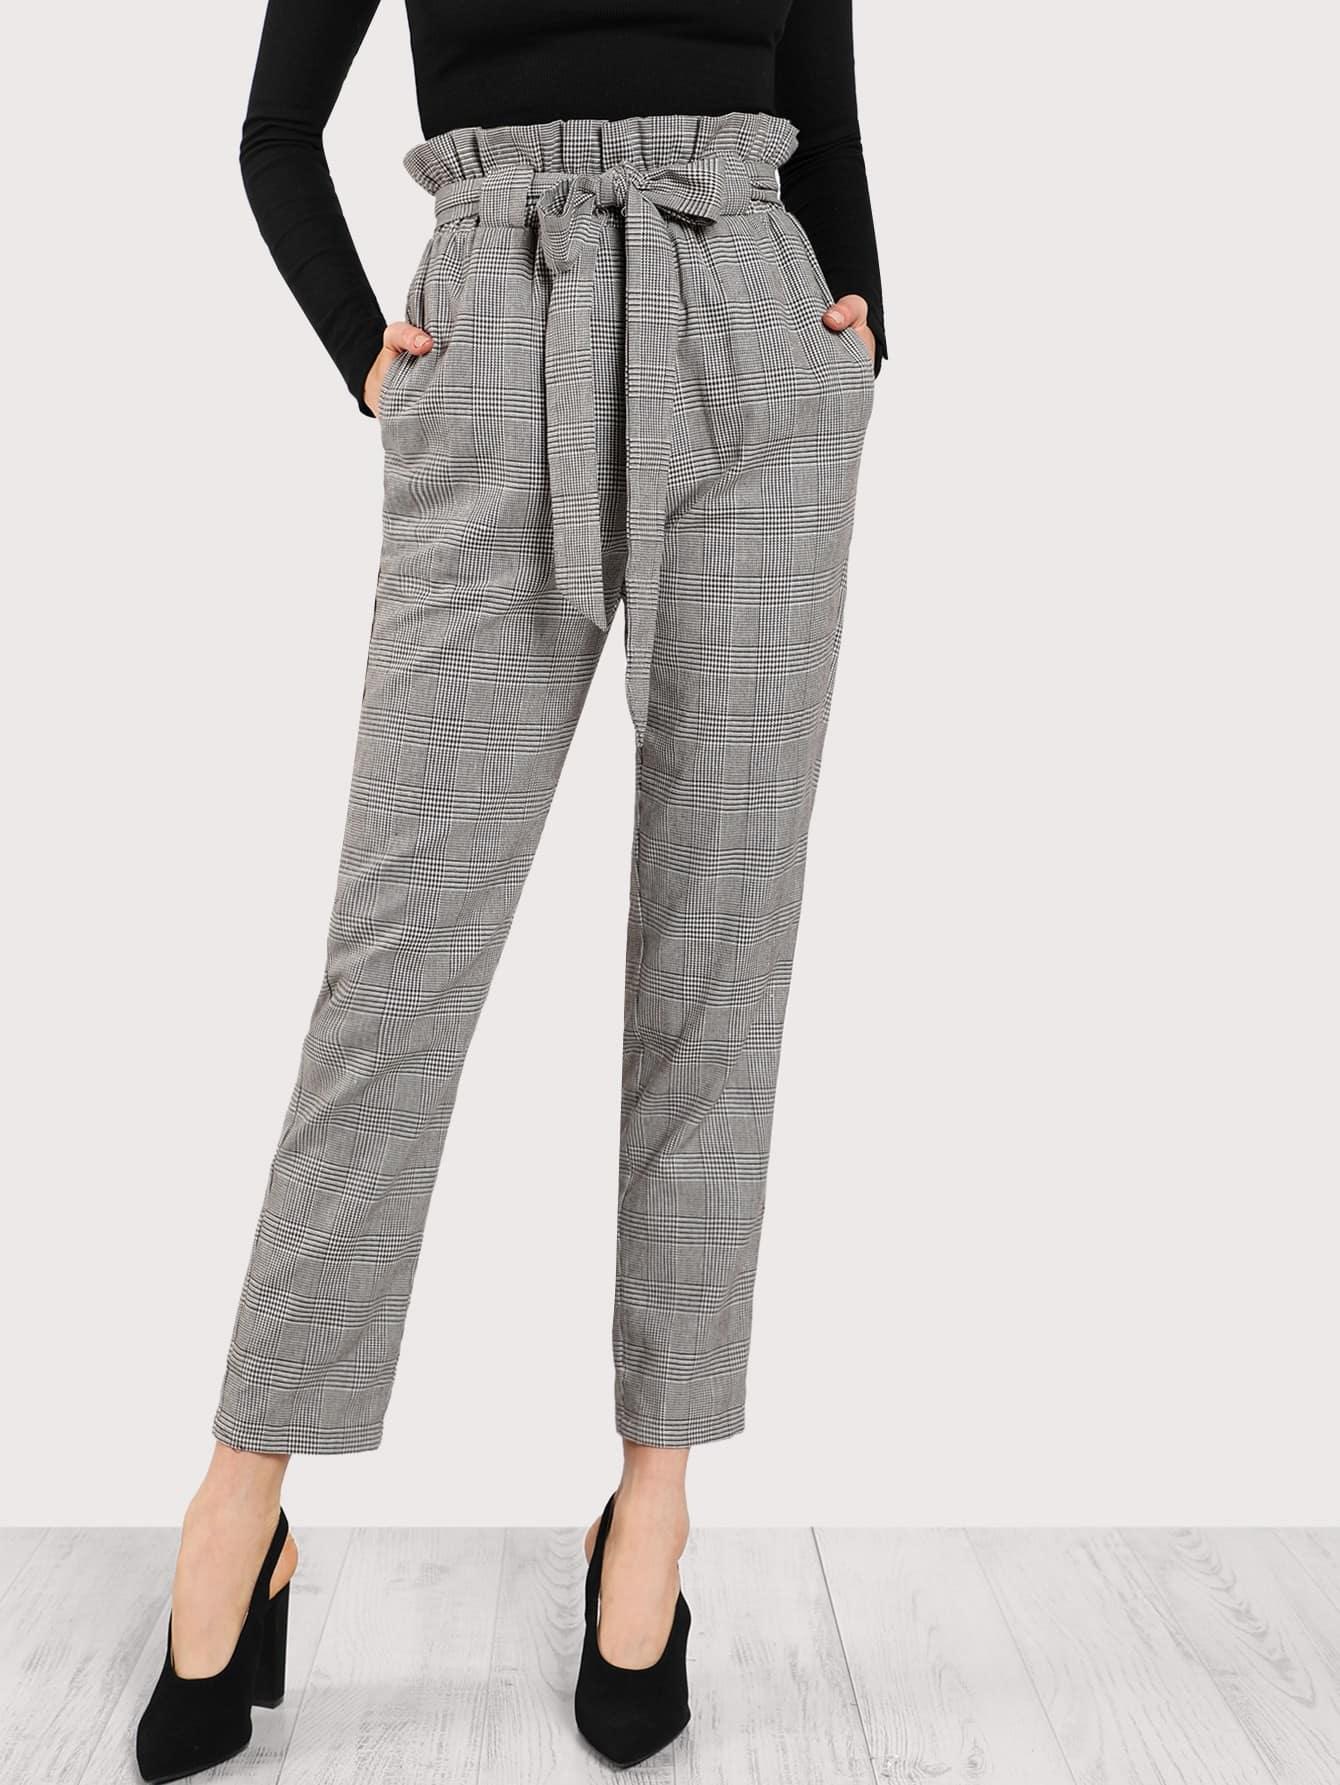 Купить Модные клетчатые брюки с поясом, Alanna Whittaker, SheIn